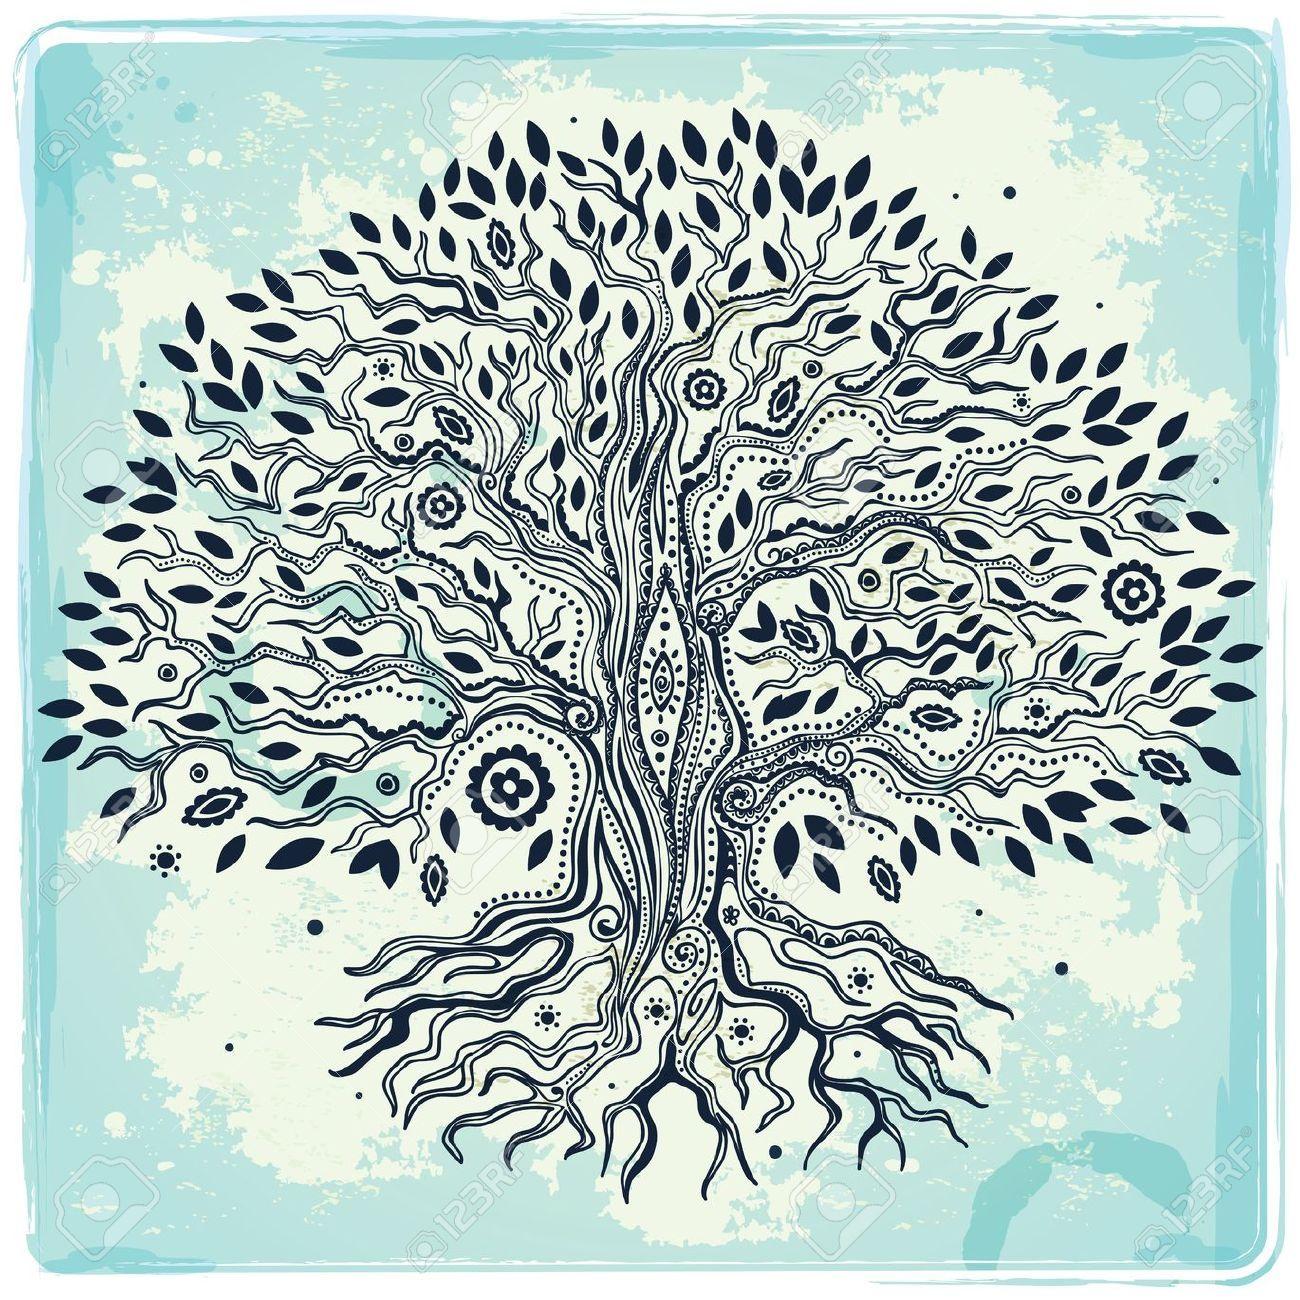 albero della vita da disegnare